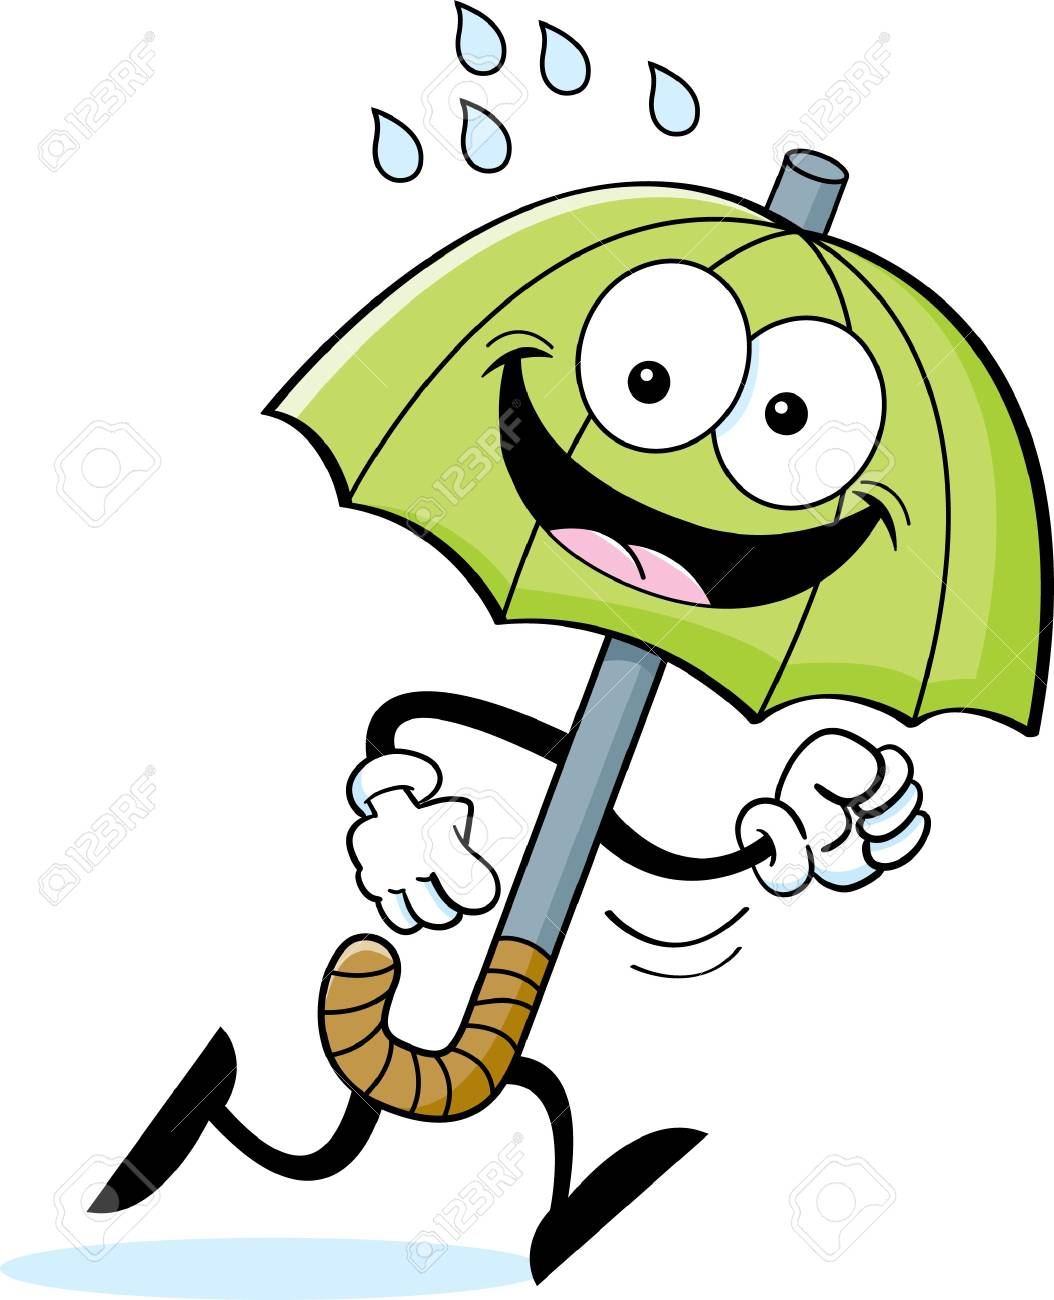 Cartoon illustration of an umbrella running Stock Vector - 18130489